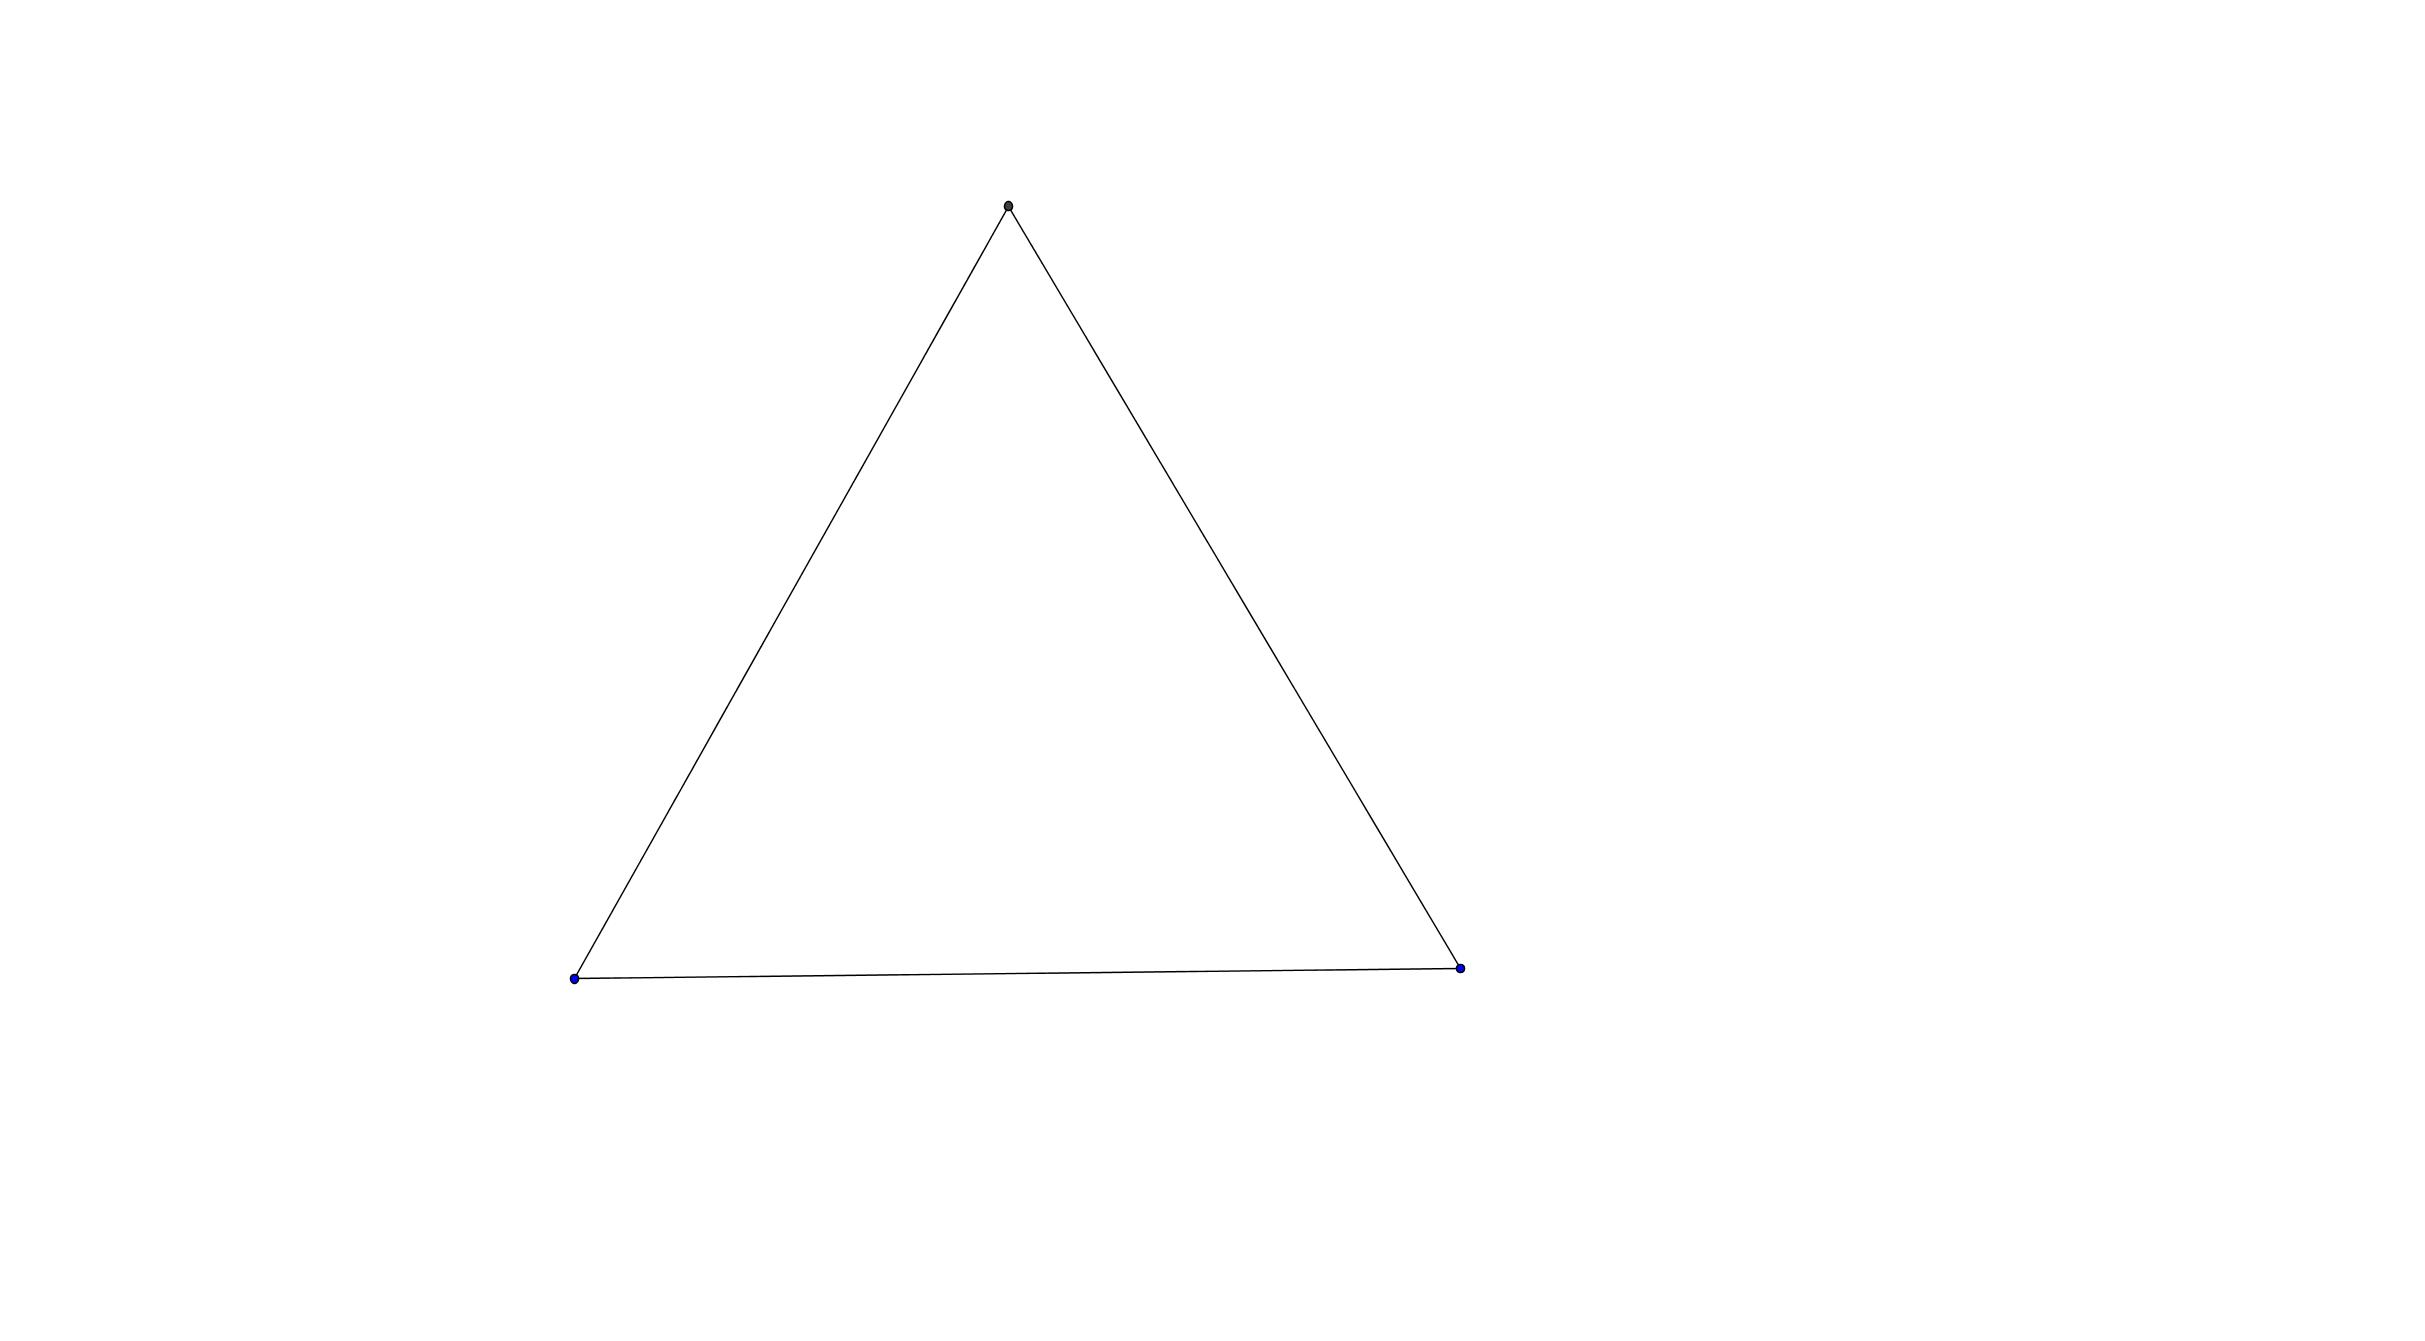 Liksidig_triangel.png